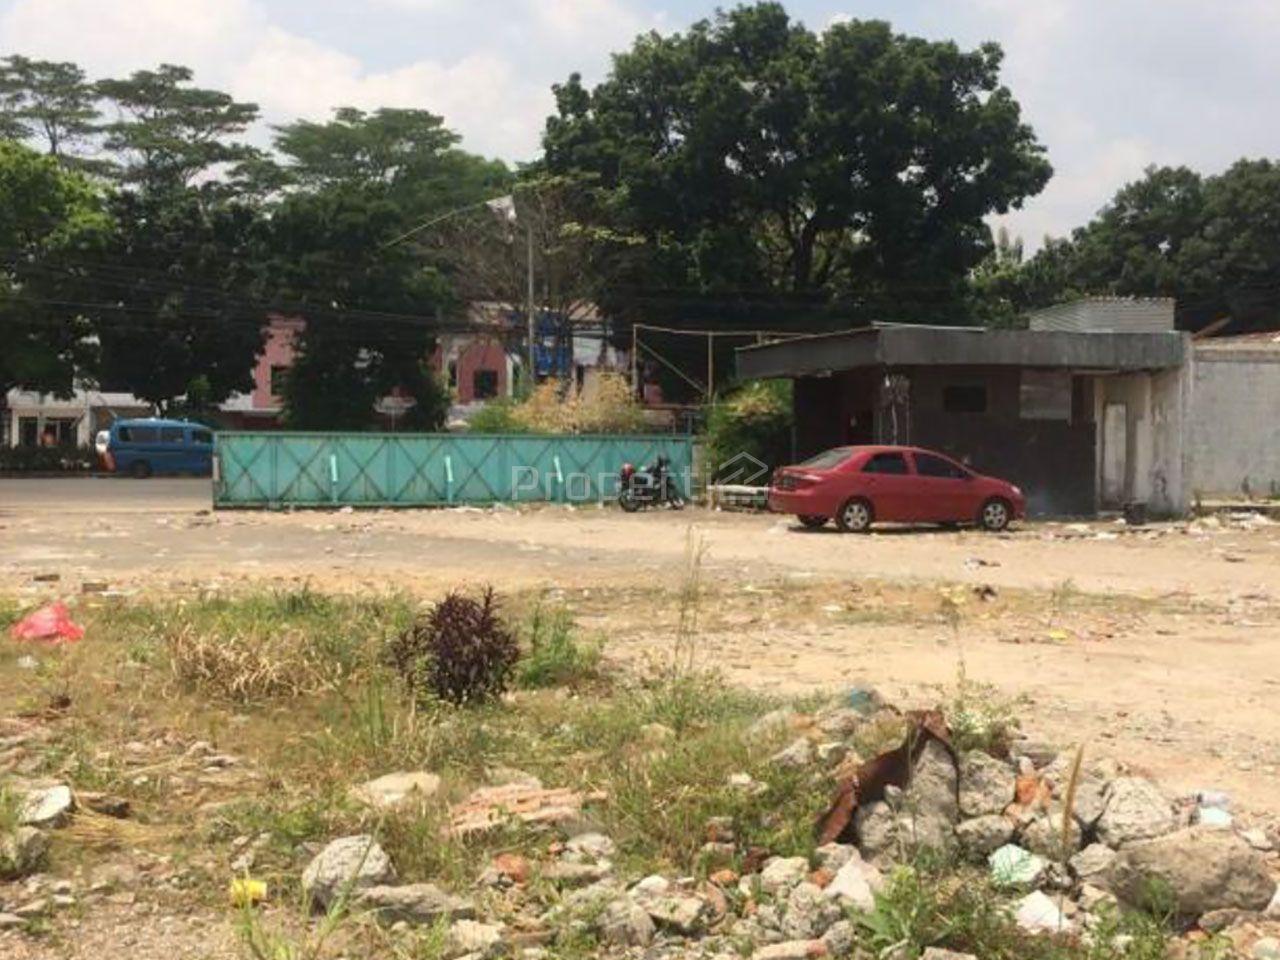 Strategic Land in Cibinong, Jawa Barat